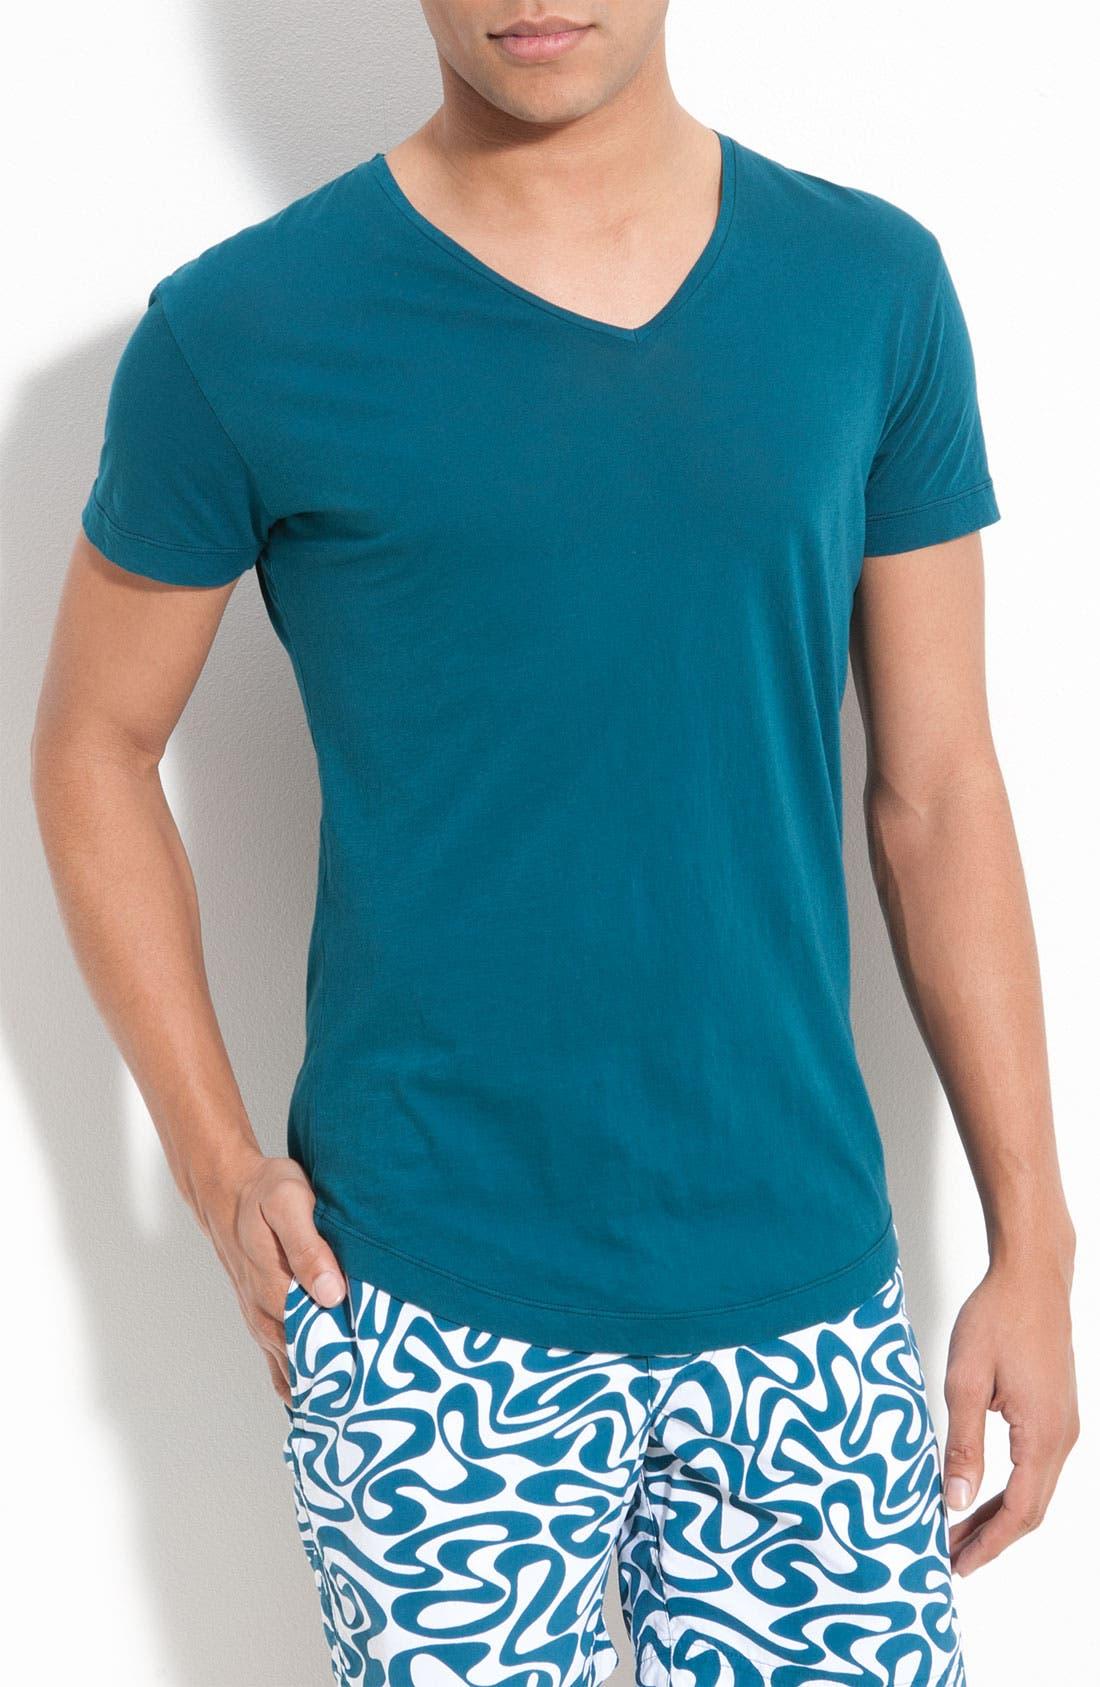 Alternate Image 1 Selected - Orlebar Brown 'Bobby' V-Neck T-Shirt